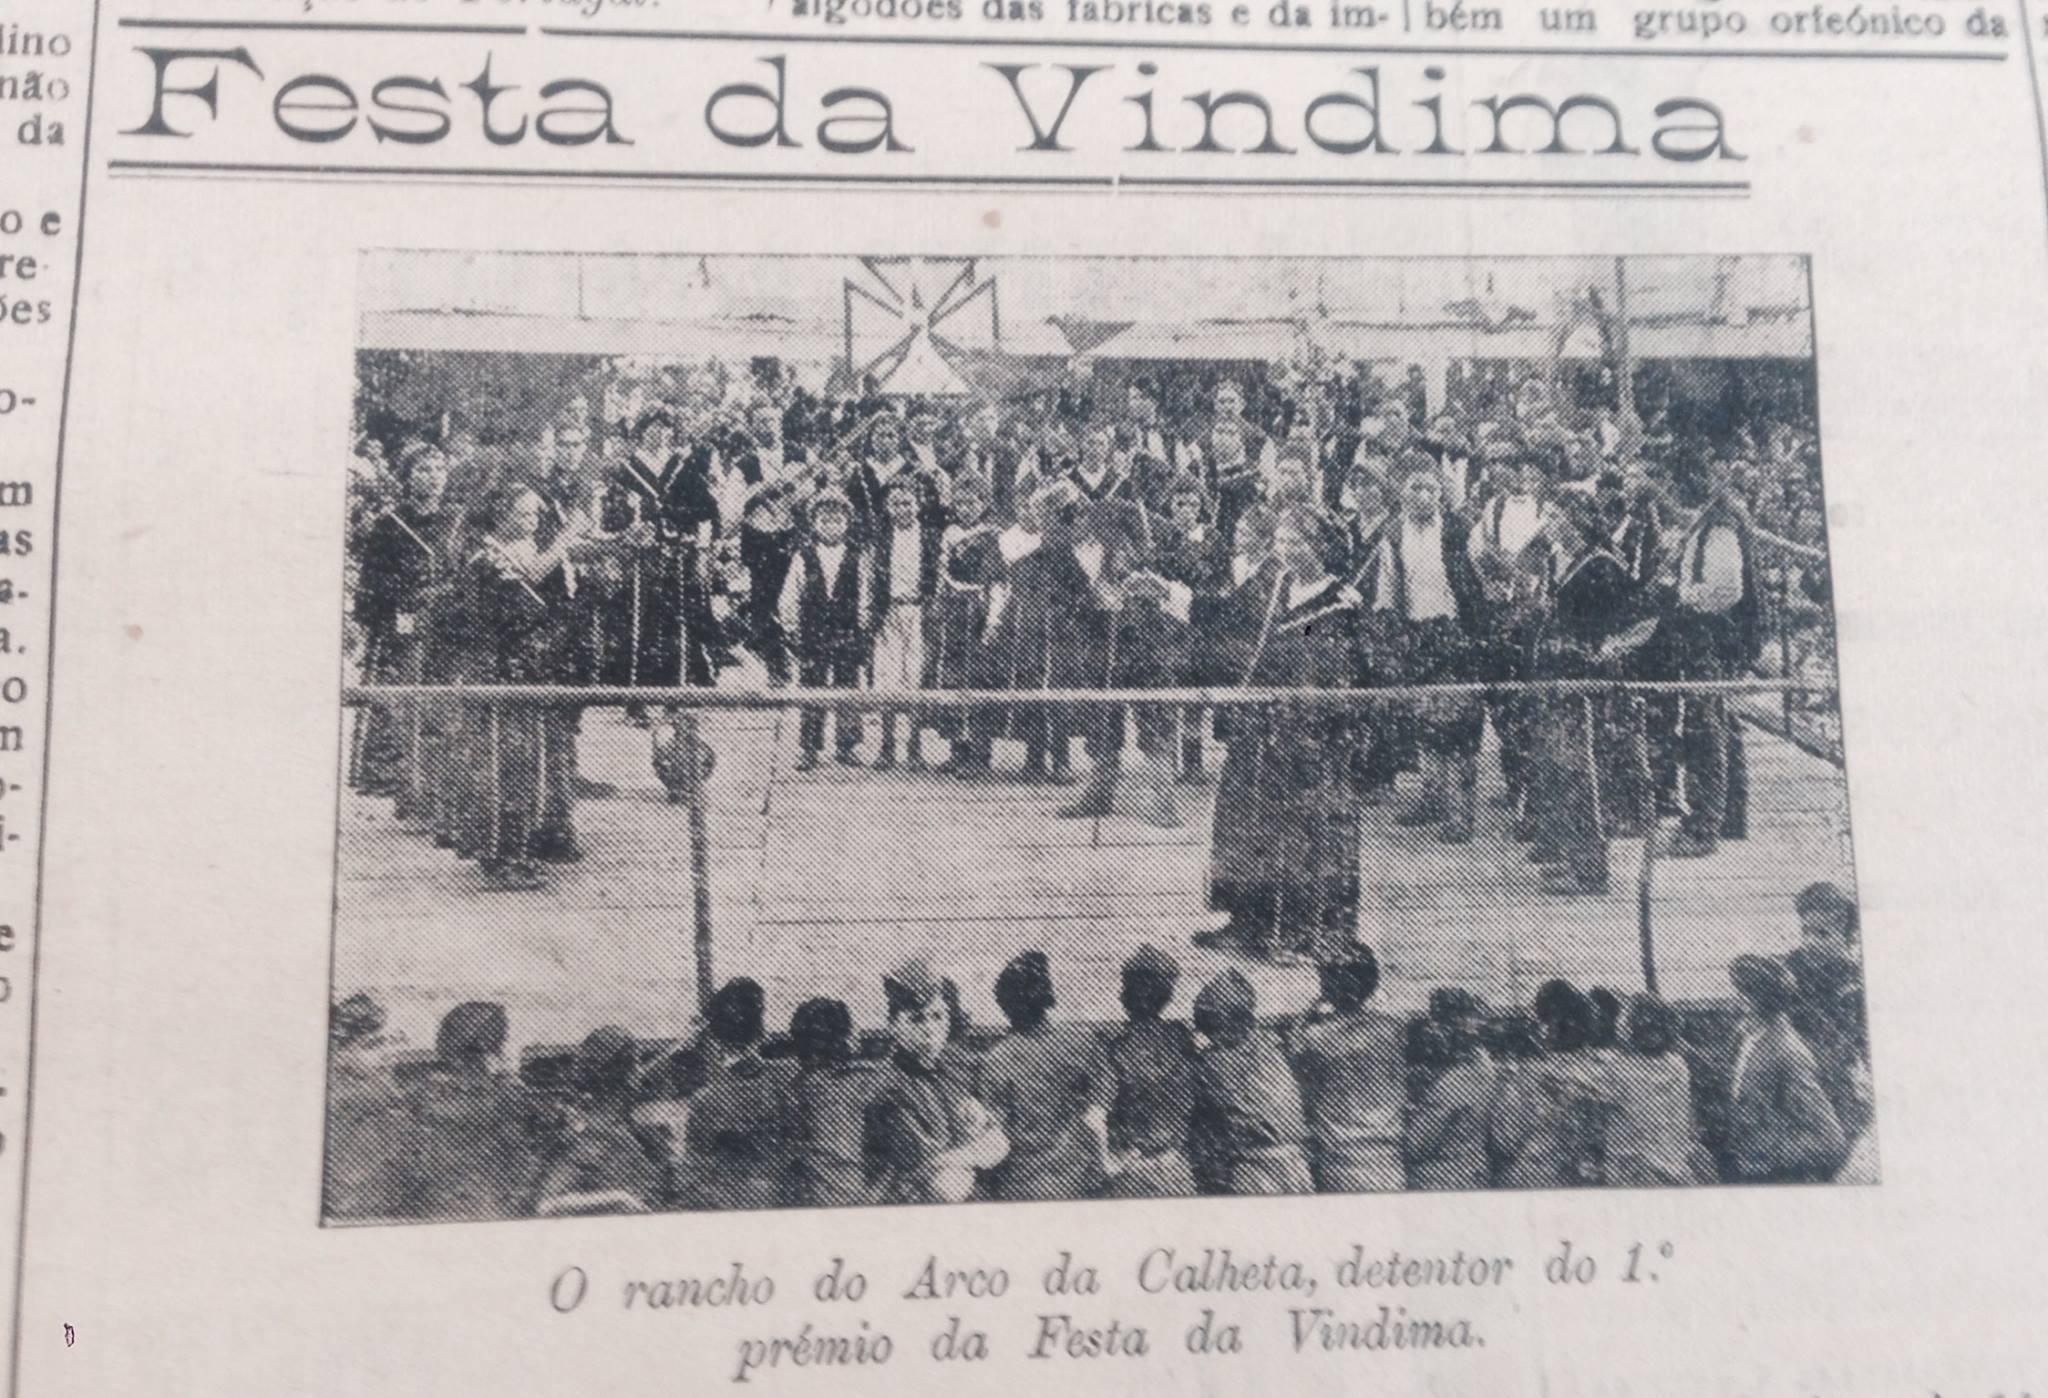 Bailinho da Madeira Geschichte Festa da Cindima